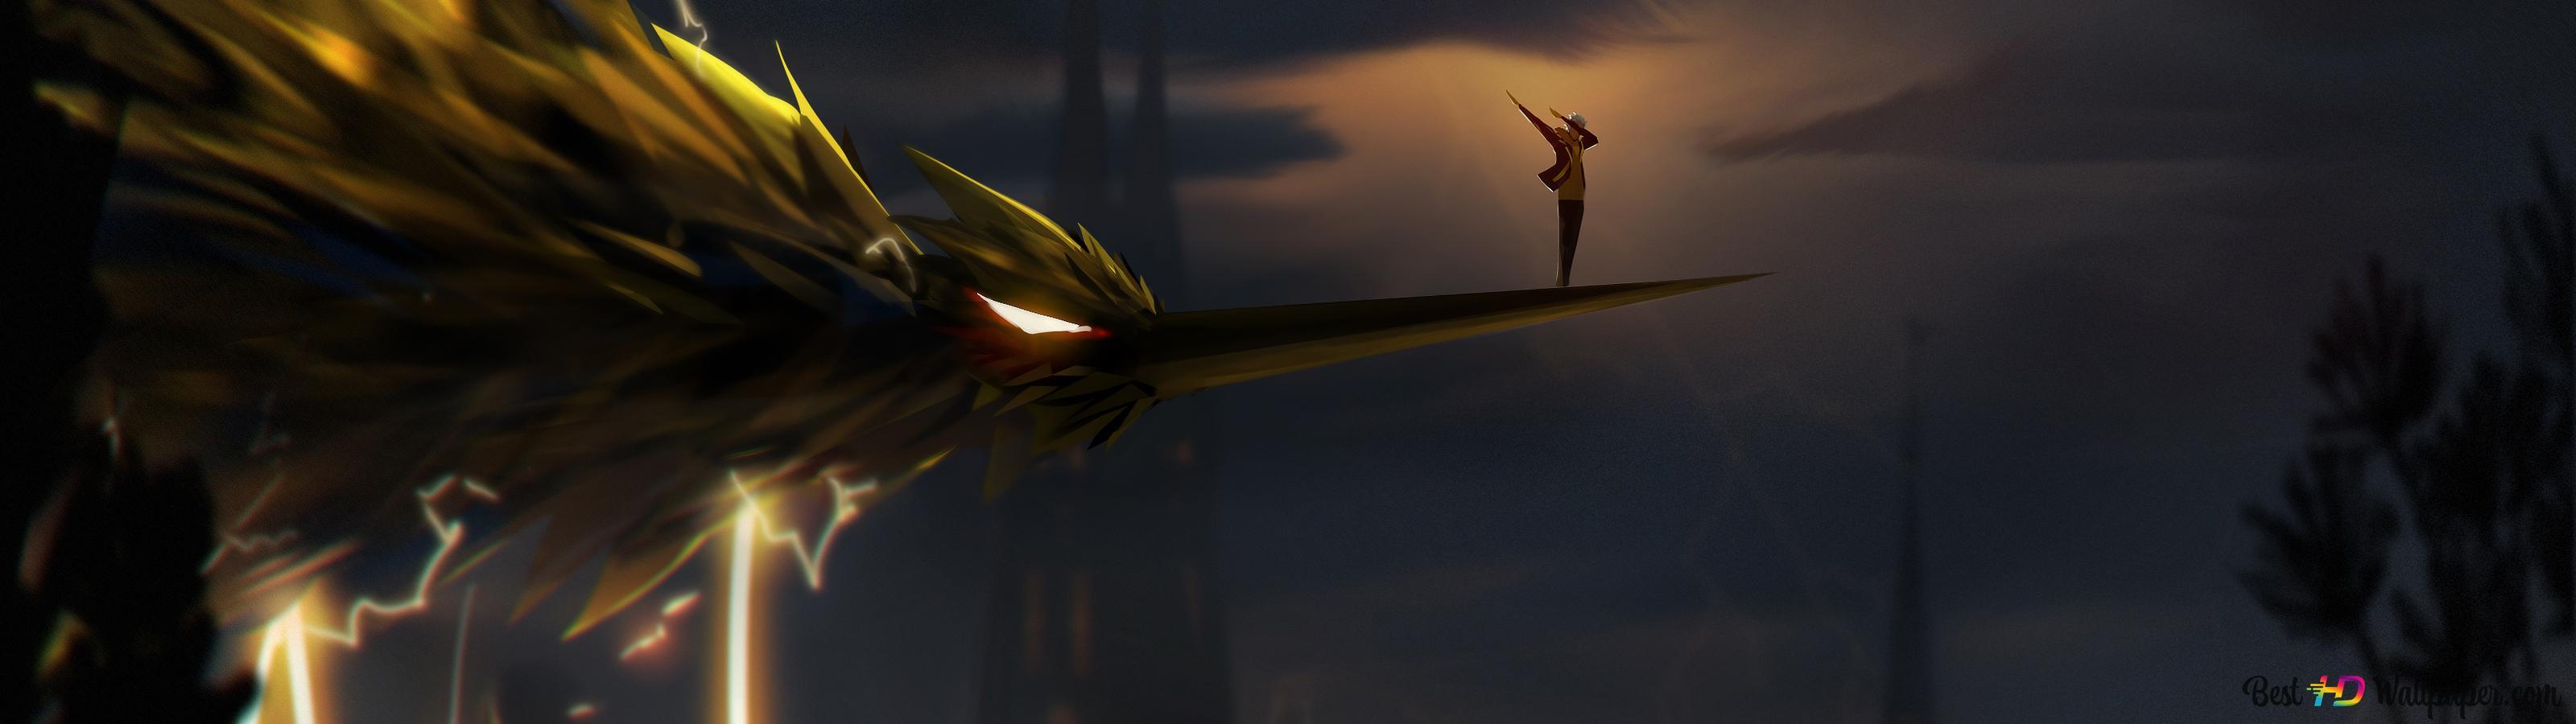 Pokemon GO - Team Instinct (Zapdos) HD wallpaper download